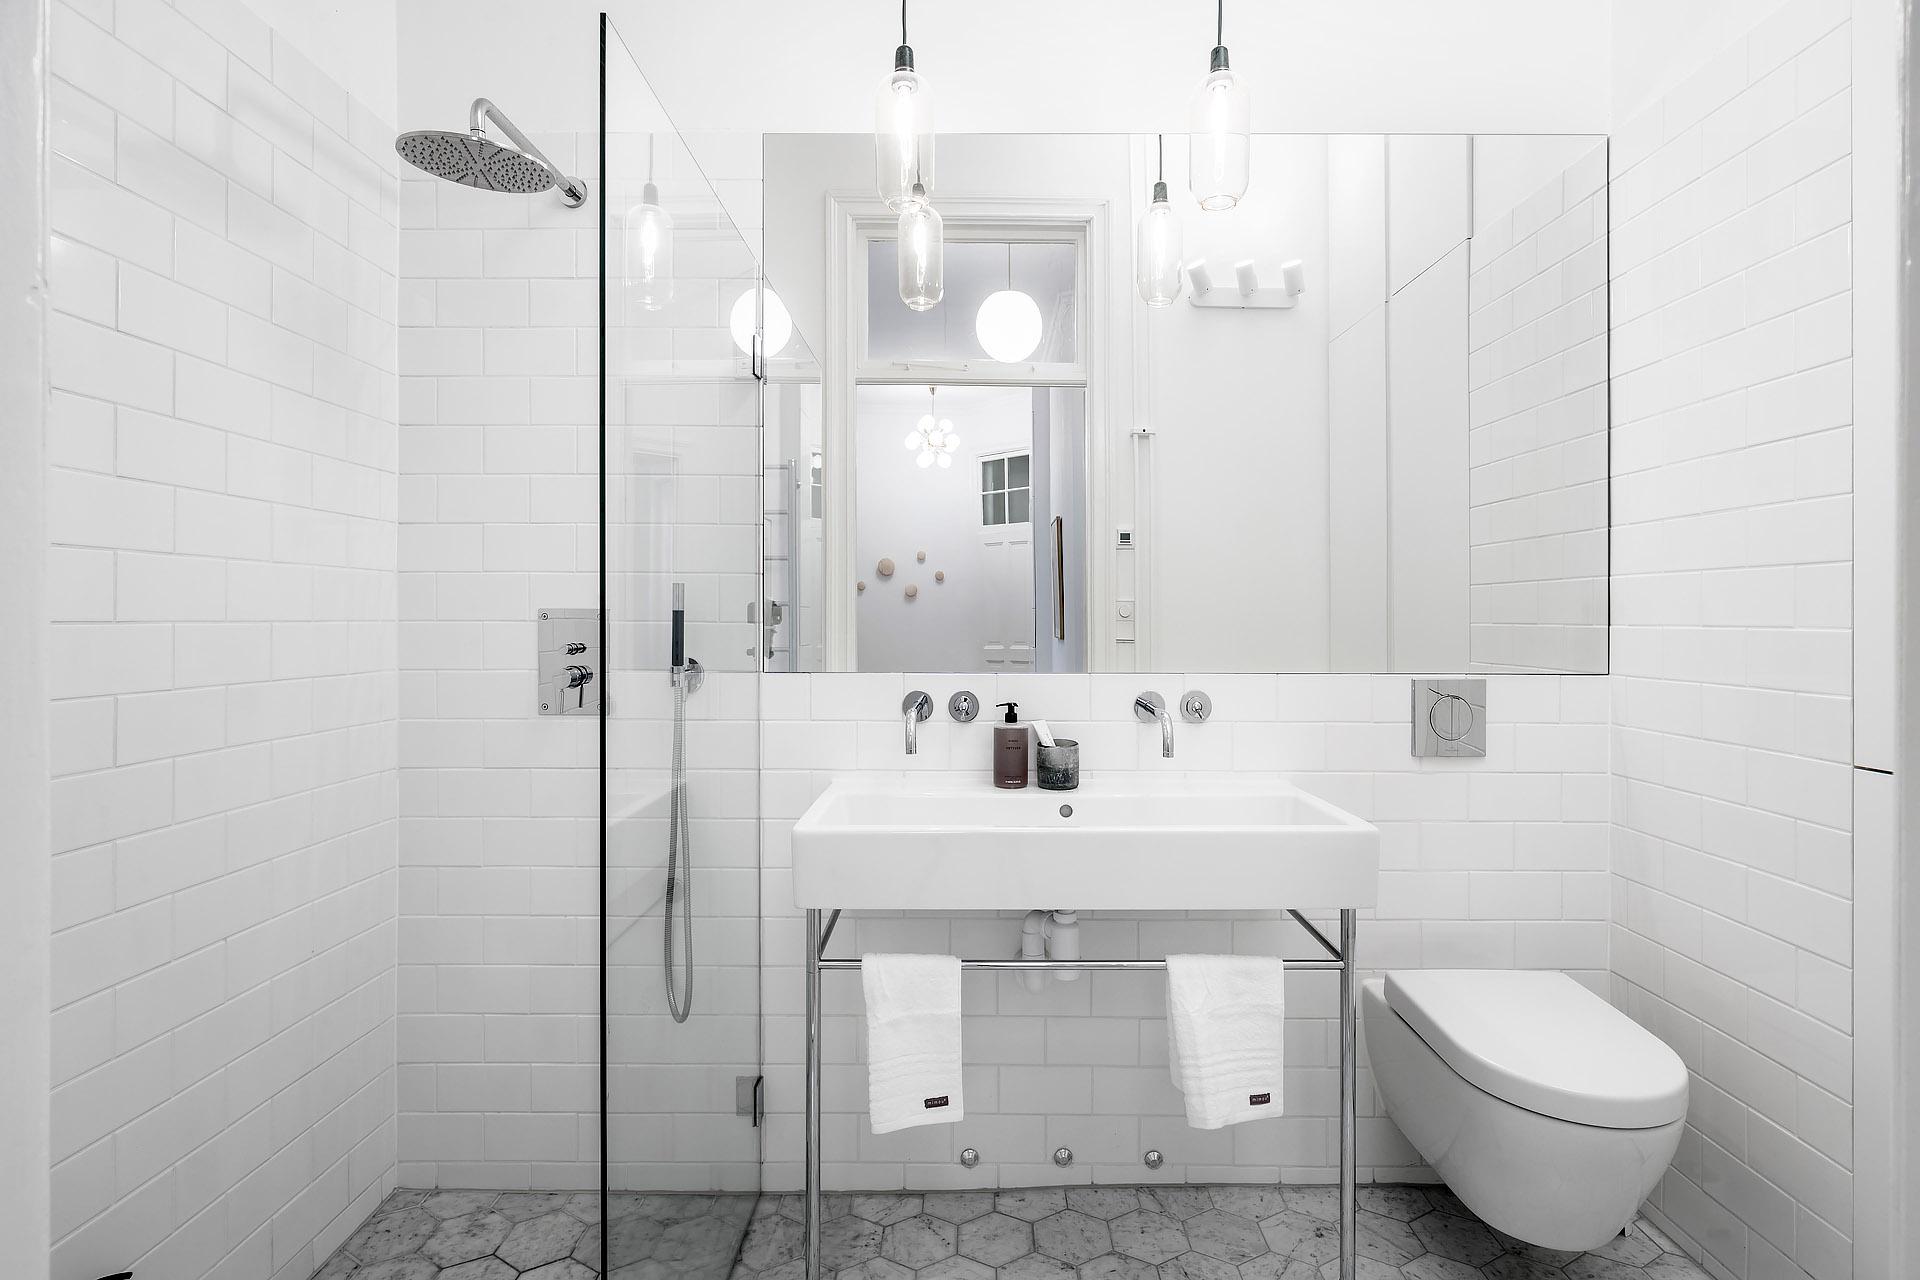 Kleine witte badkamer | Interieur inrichting